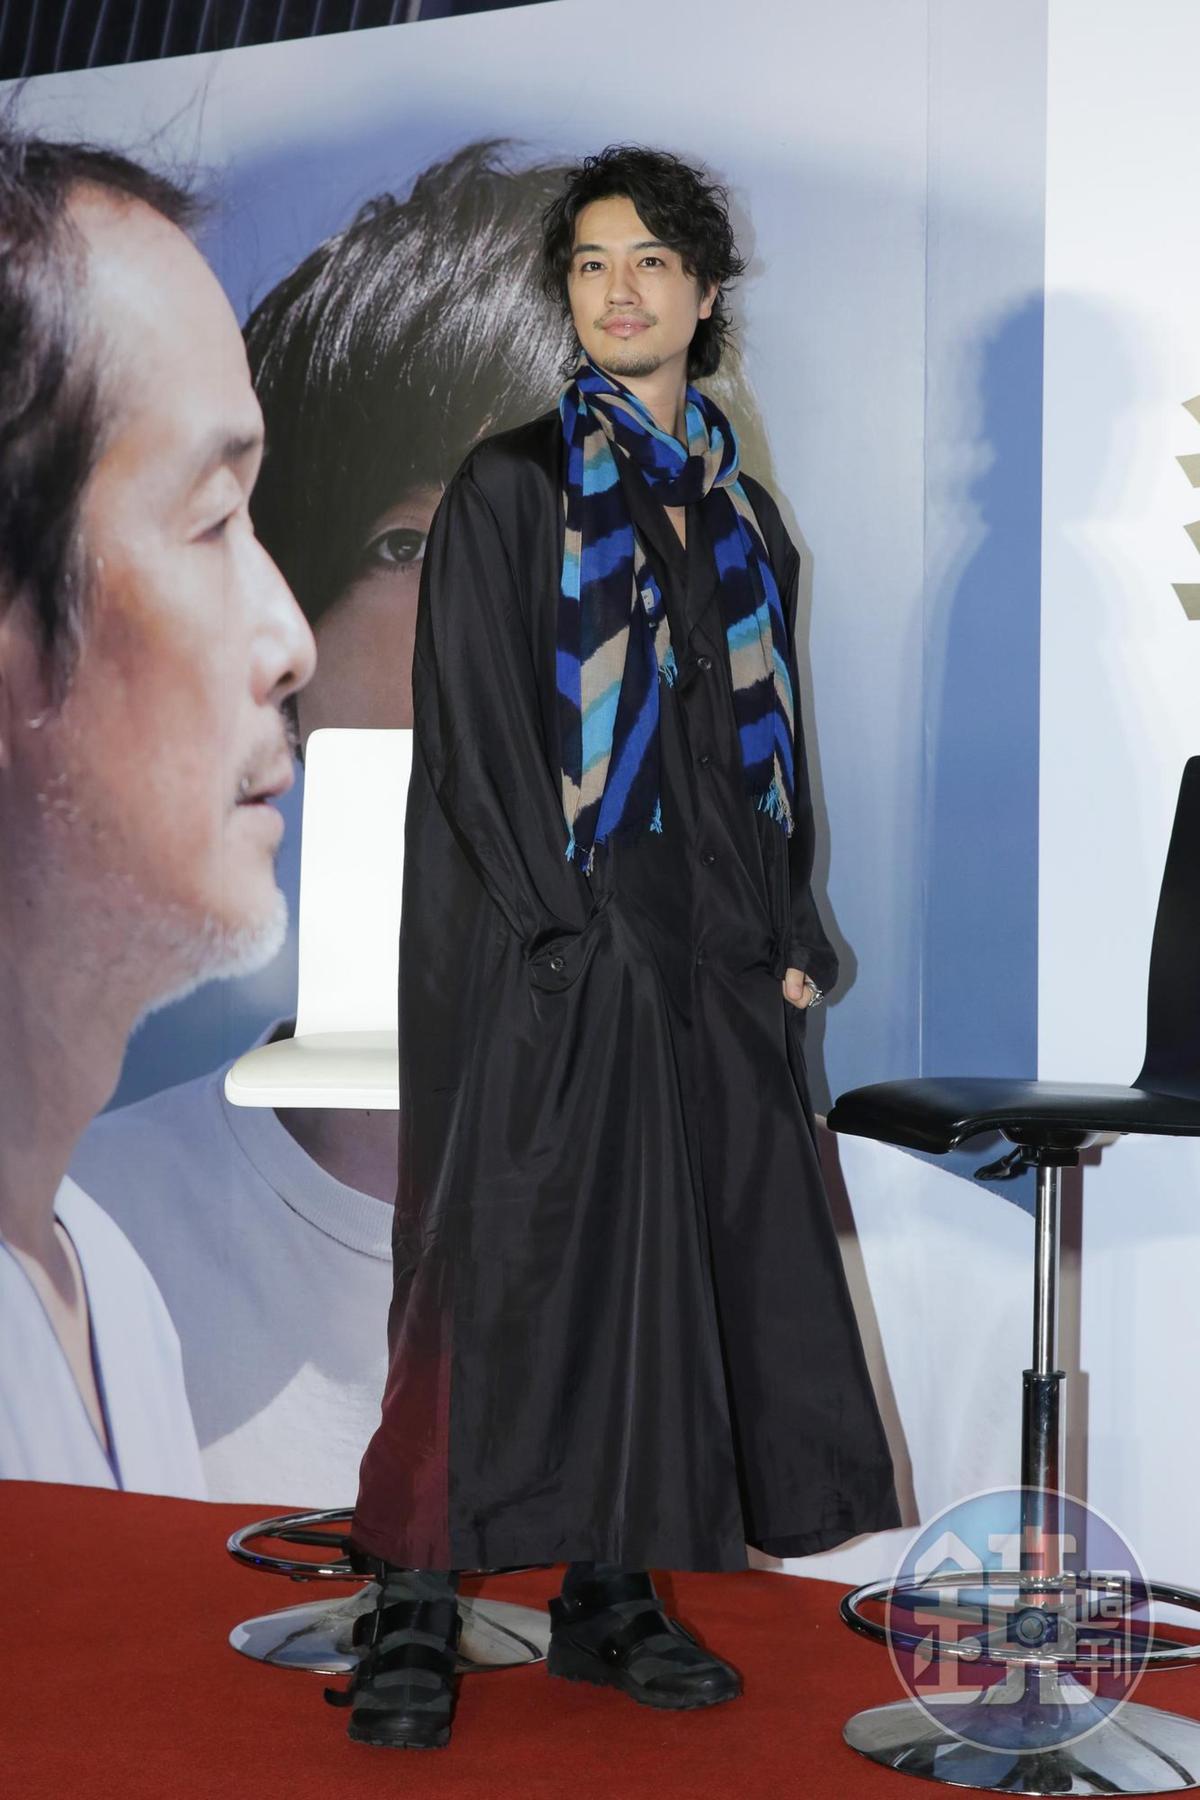 齋藤工身高184公分,雖然黑大衣罩身,仍遮掩不住模特兒出身的好身材。